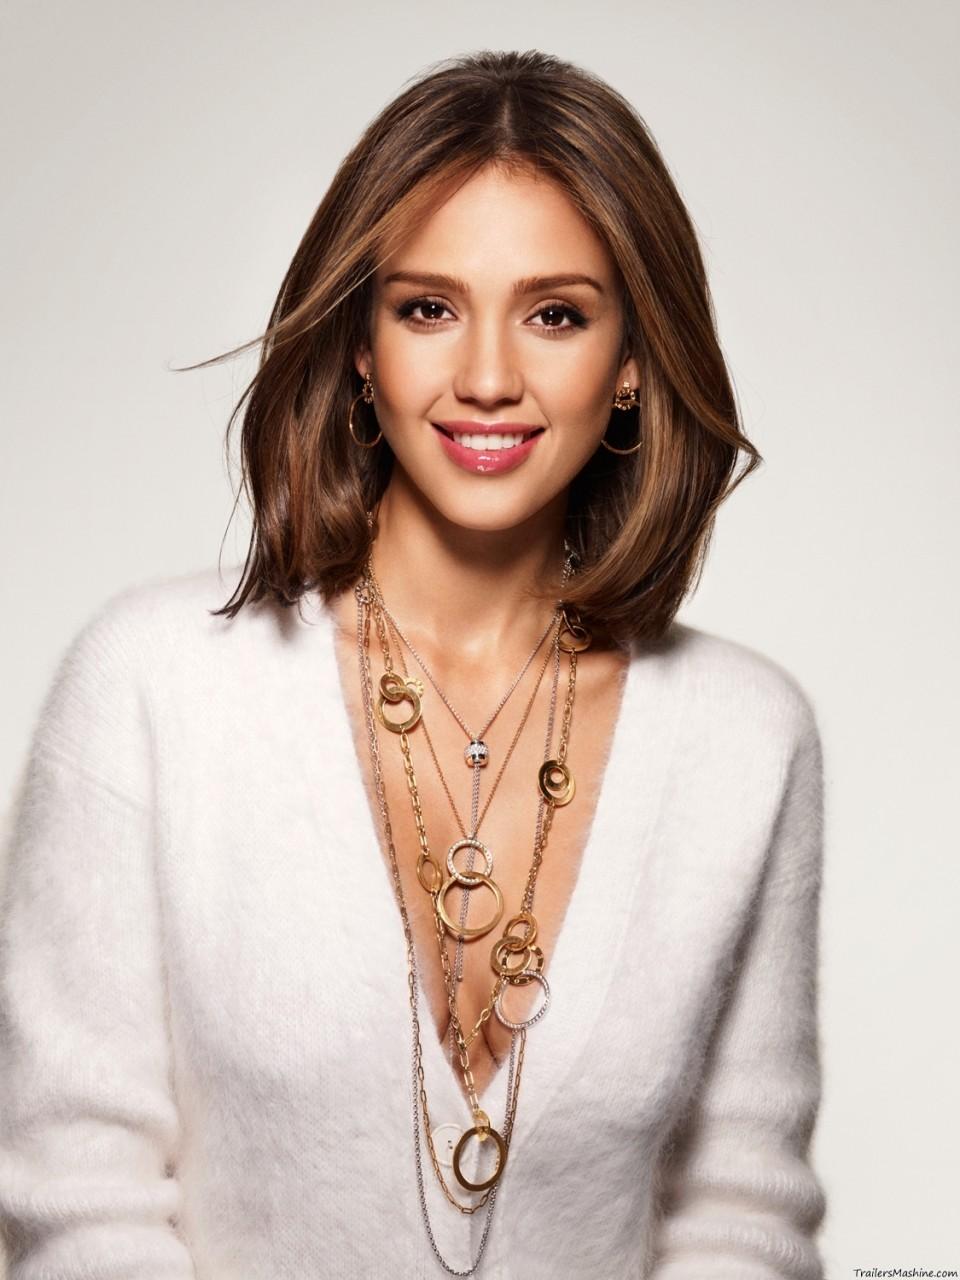 Джессика Альба  в фотосессии Патрика Демаршелье для бренда Piaget 2011